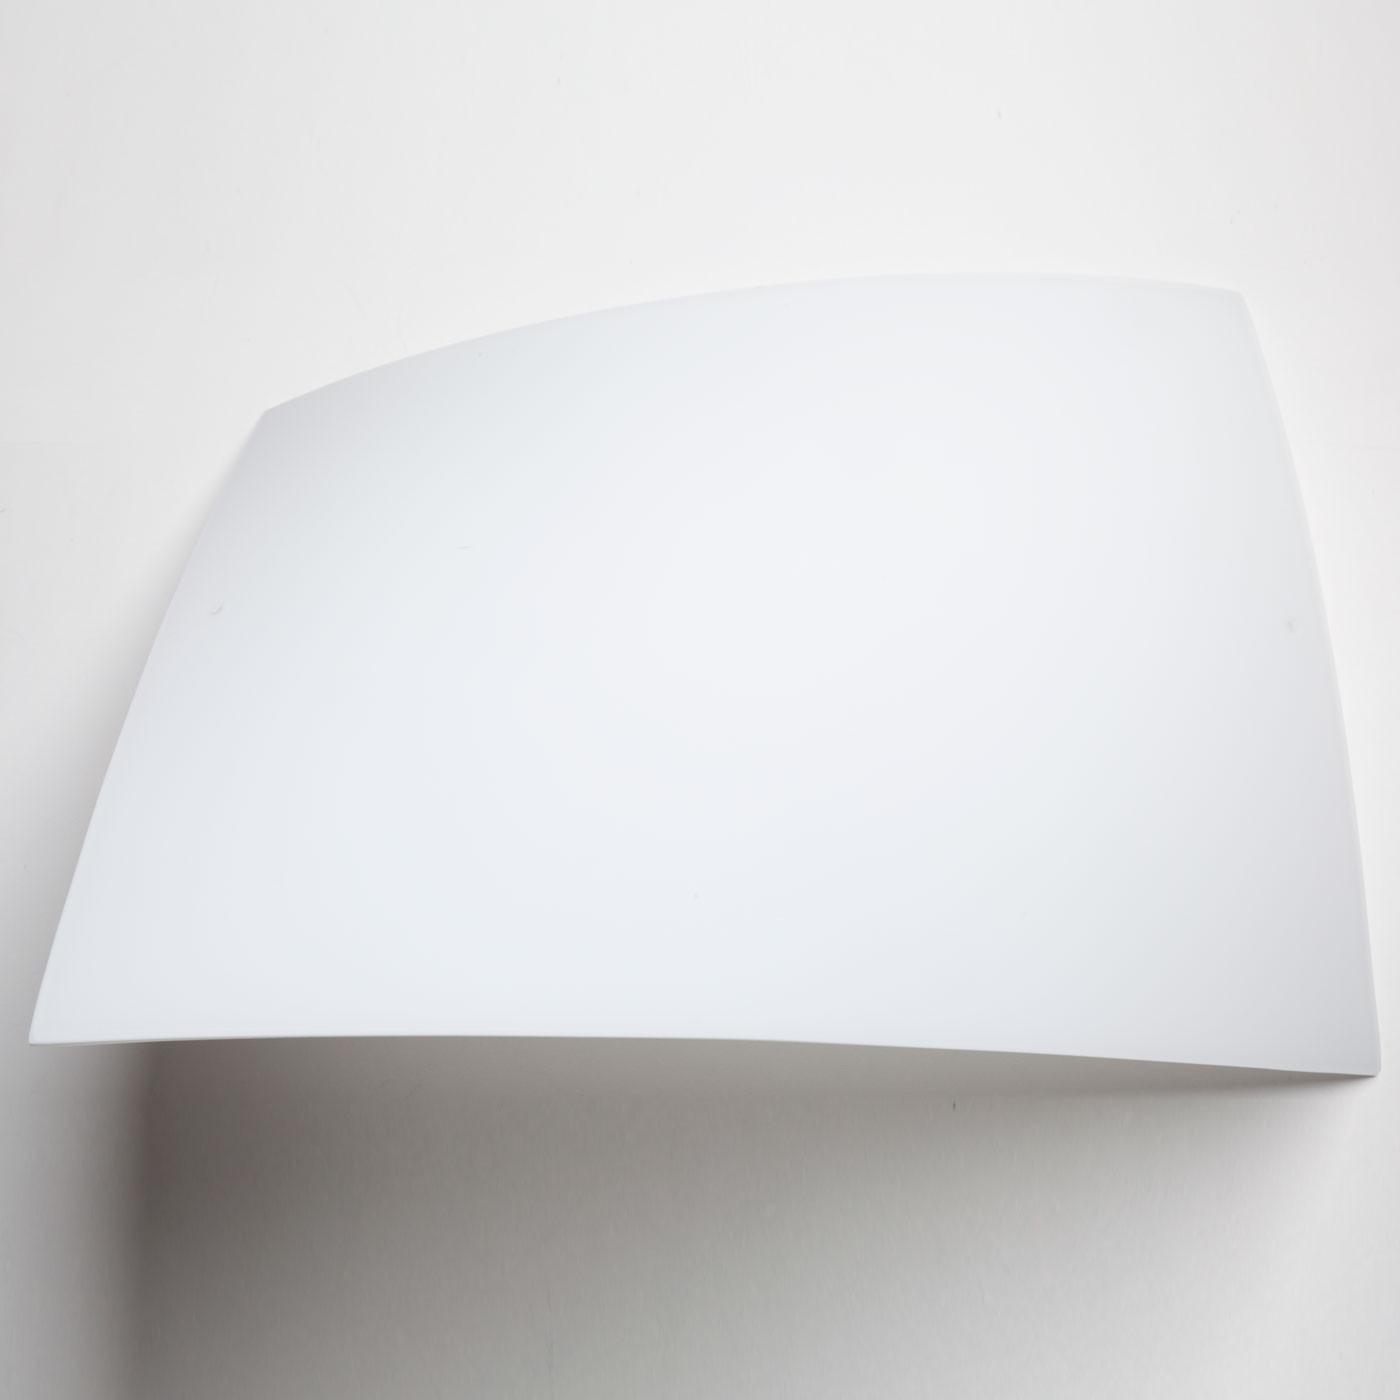 Foscarini Folio Parete.Foscarini Folio Piccola And Grande Replacement Glass Shade